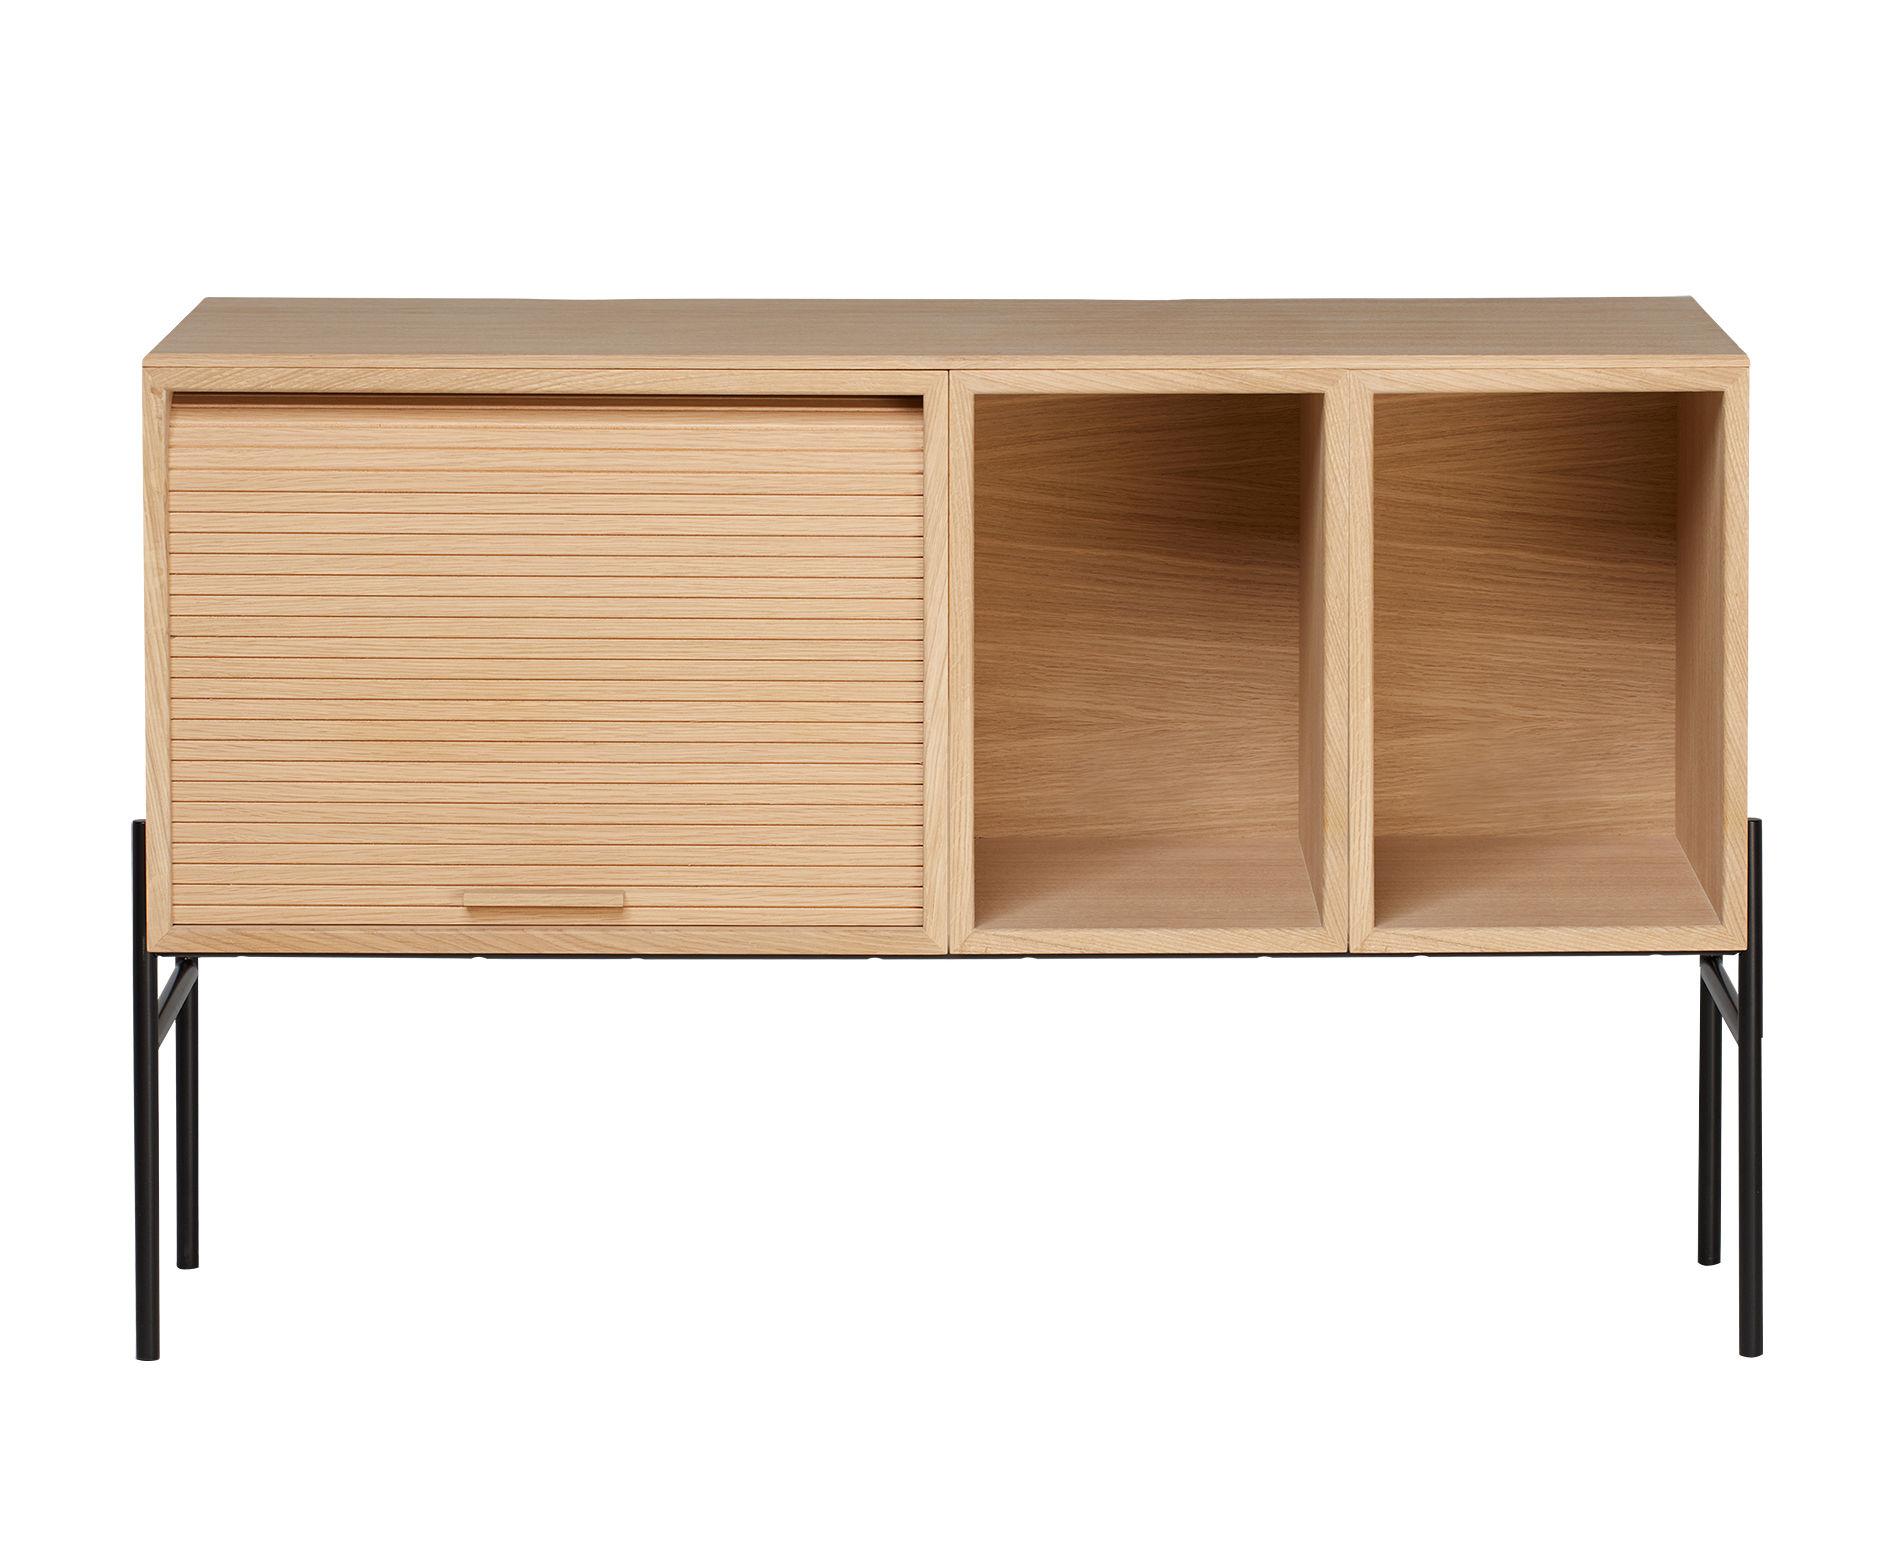 Mobilier - Commodes, buffets & armoires - Meuble TV Hifive / Meuble TV - L 100 x H 65 cm - Northern  - Chêne clair - Acier laqué, Contreplaqué de chêne huilé